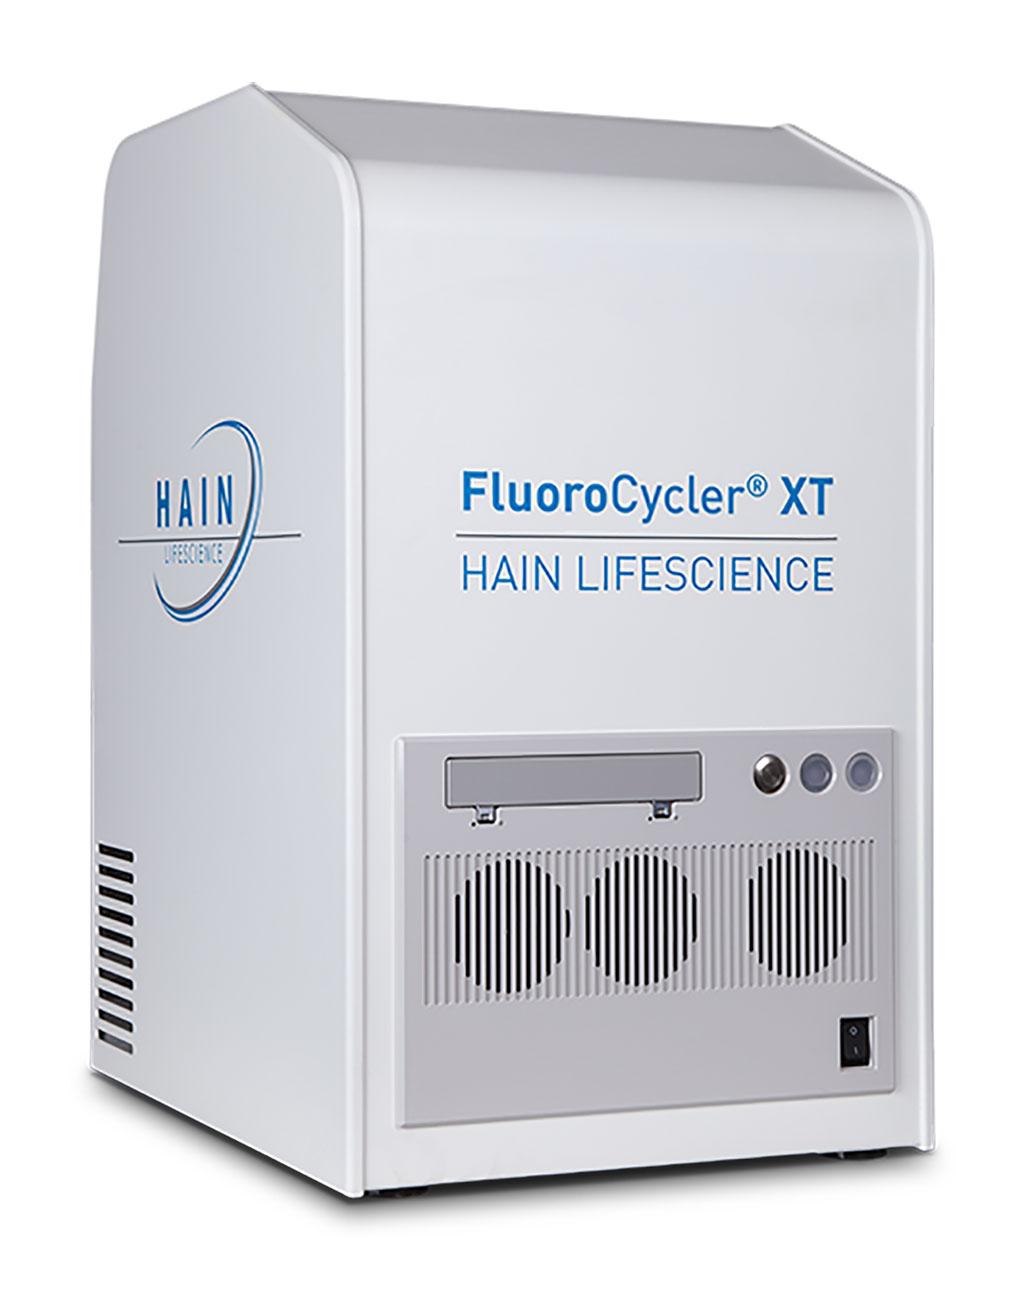 Imagen: FluoroCycler® XT (Fotografía cortesía de Bruker Corporation)